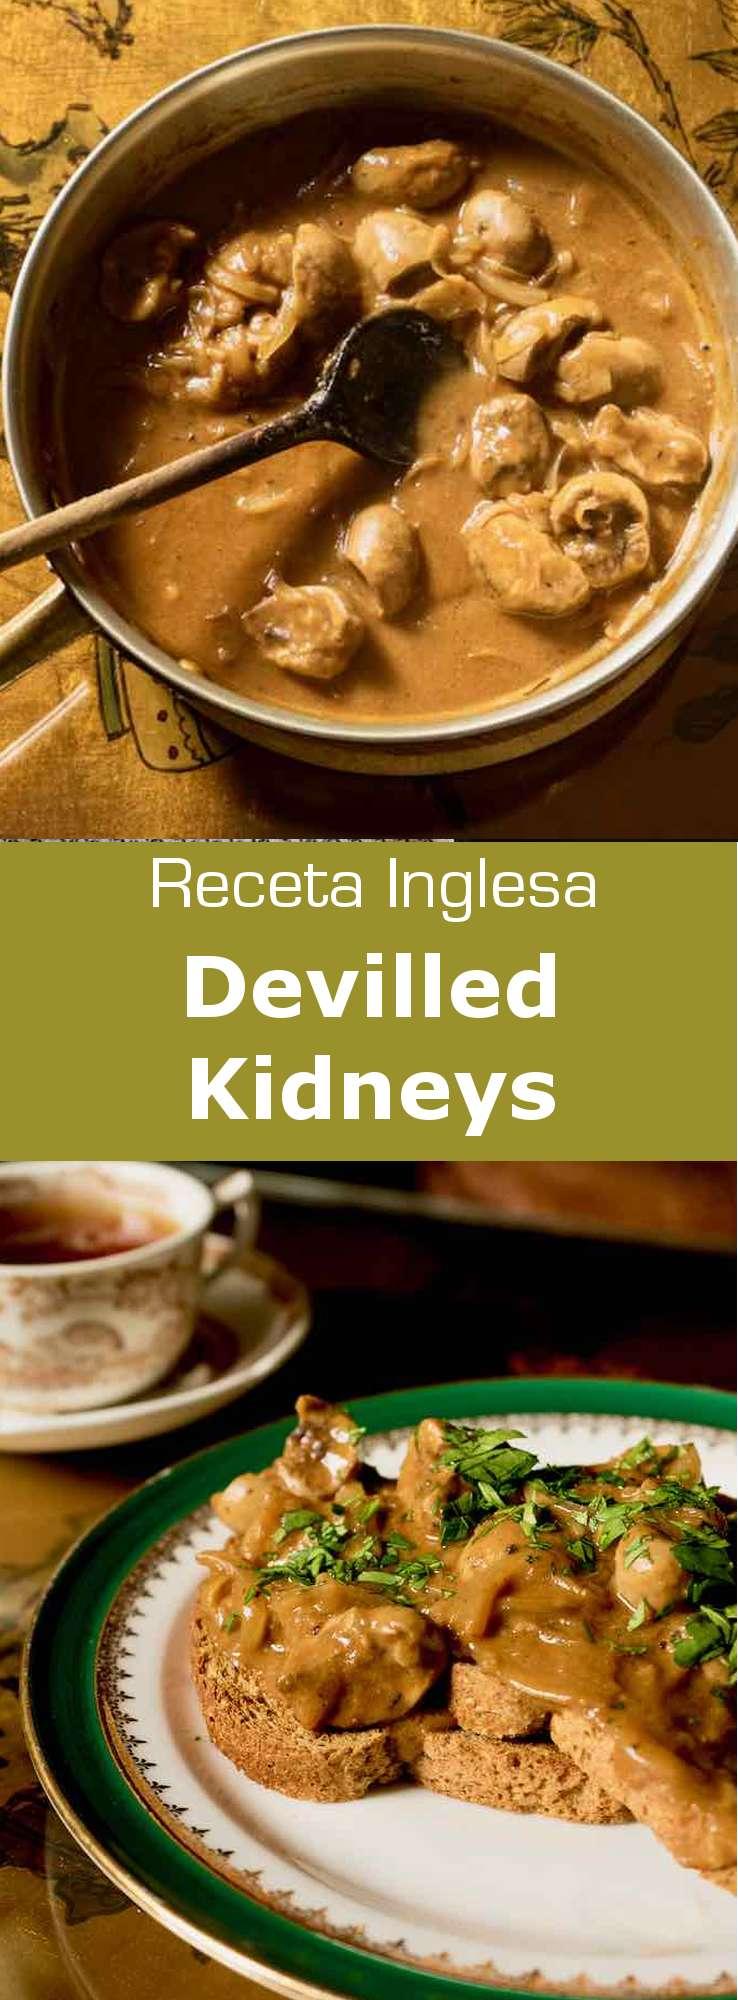 Los devilled kidneys son un plato de desayuno británico tradicional compuesto de riñones de cordero que se cocinan en una salsa delicadamente picante.